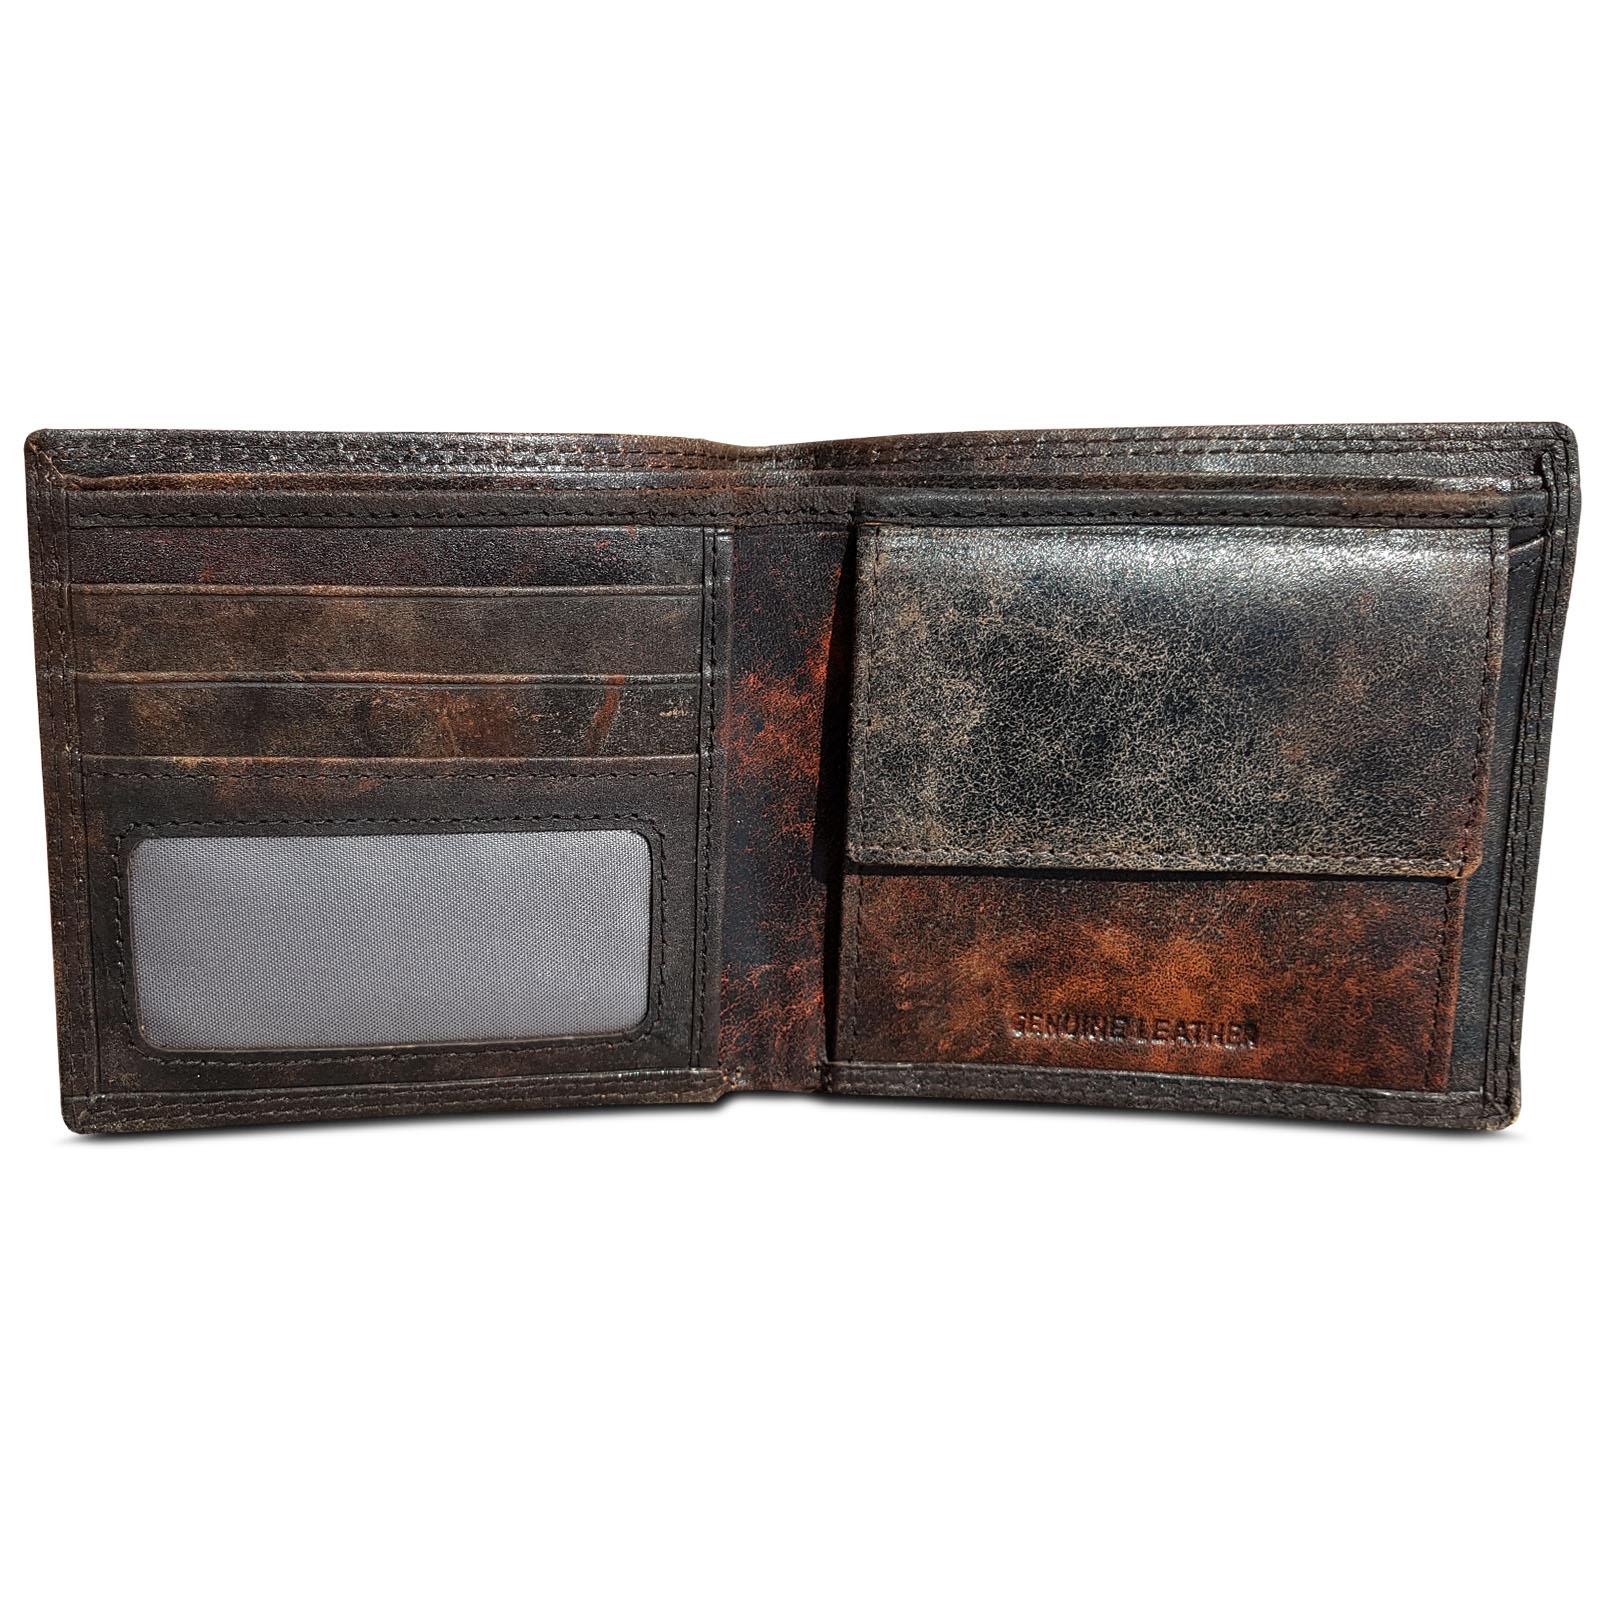 21776d8bd41b0 ROYALZ Vintage Geldbörse Herren klein Brieftasche aus Leder Geldbeutel  Männer Portemonnaie braun flach Portmonee im Querformat